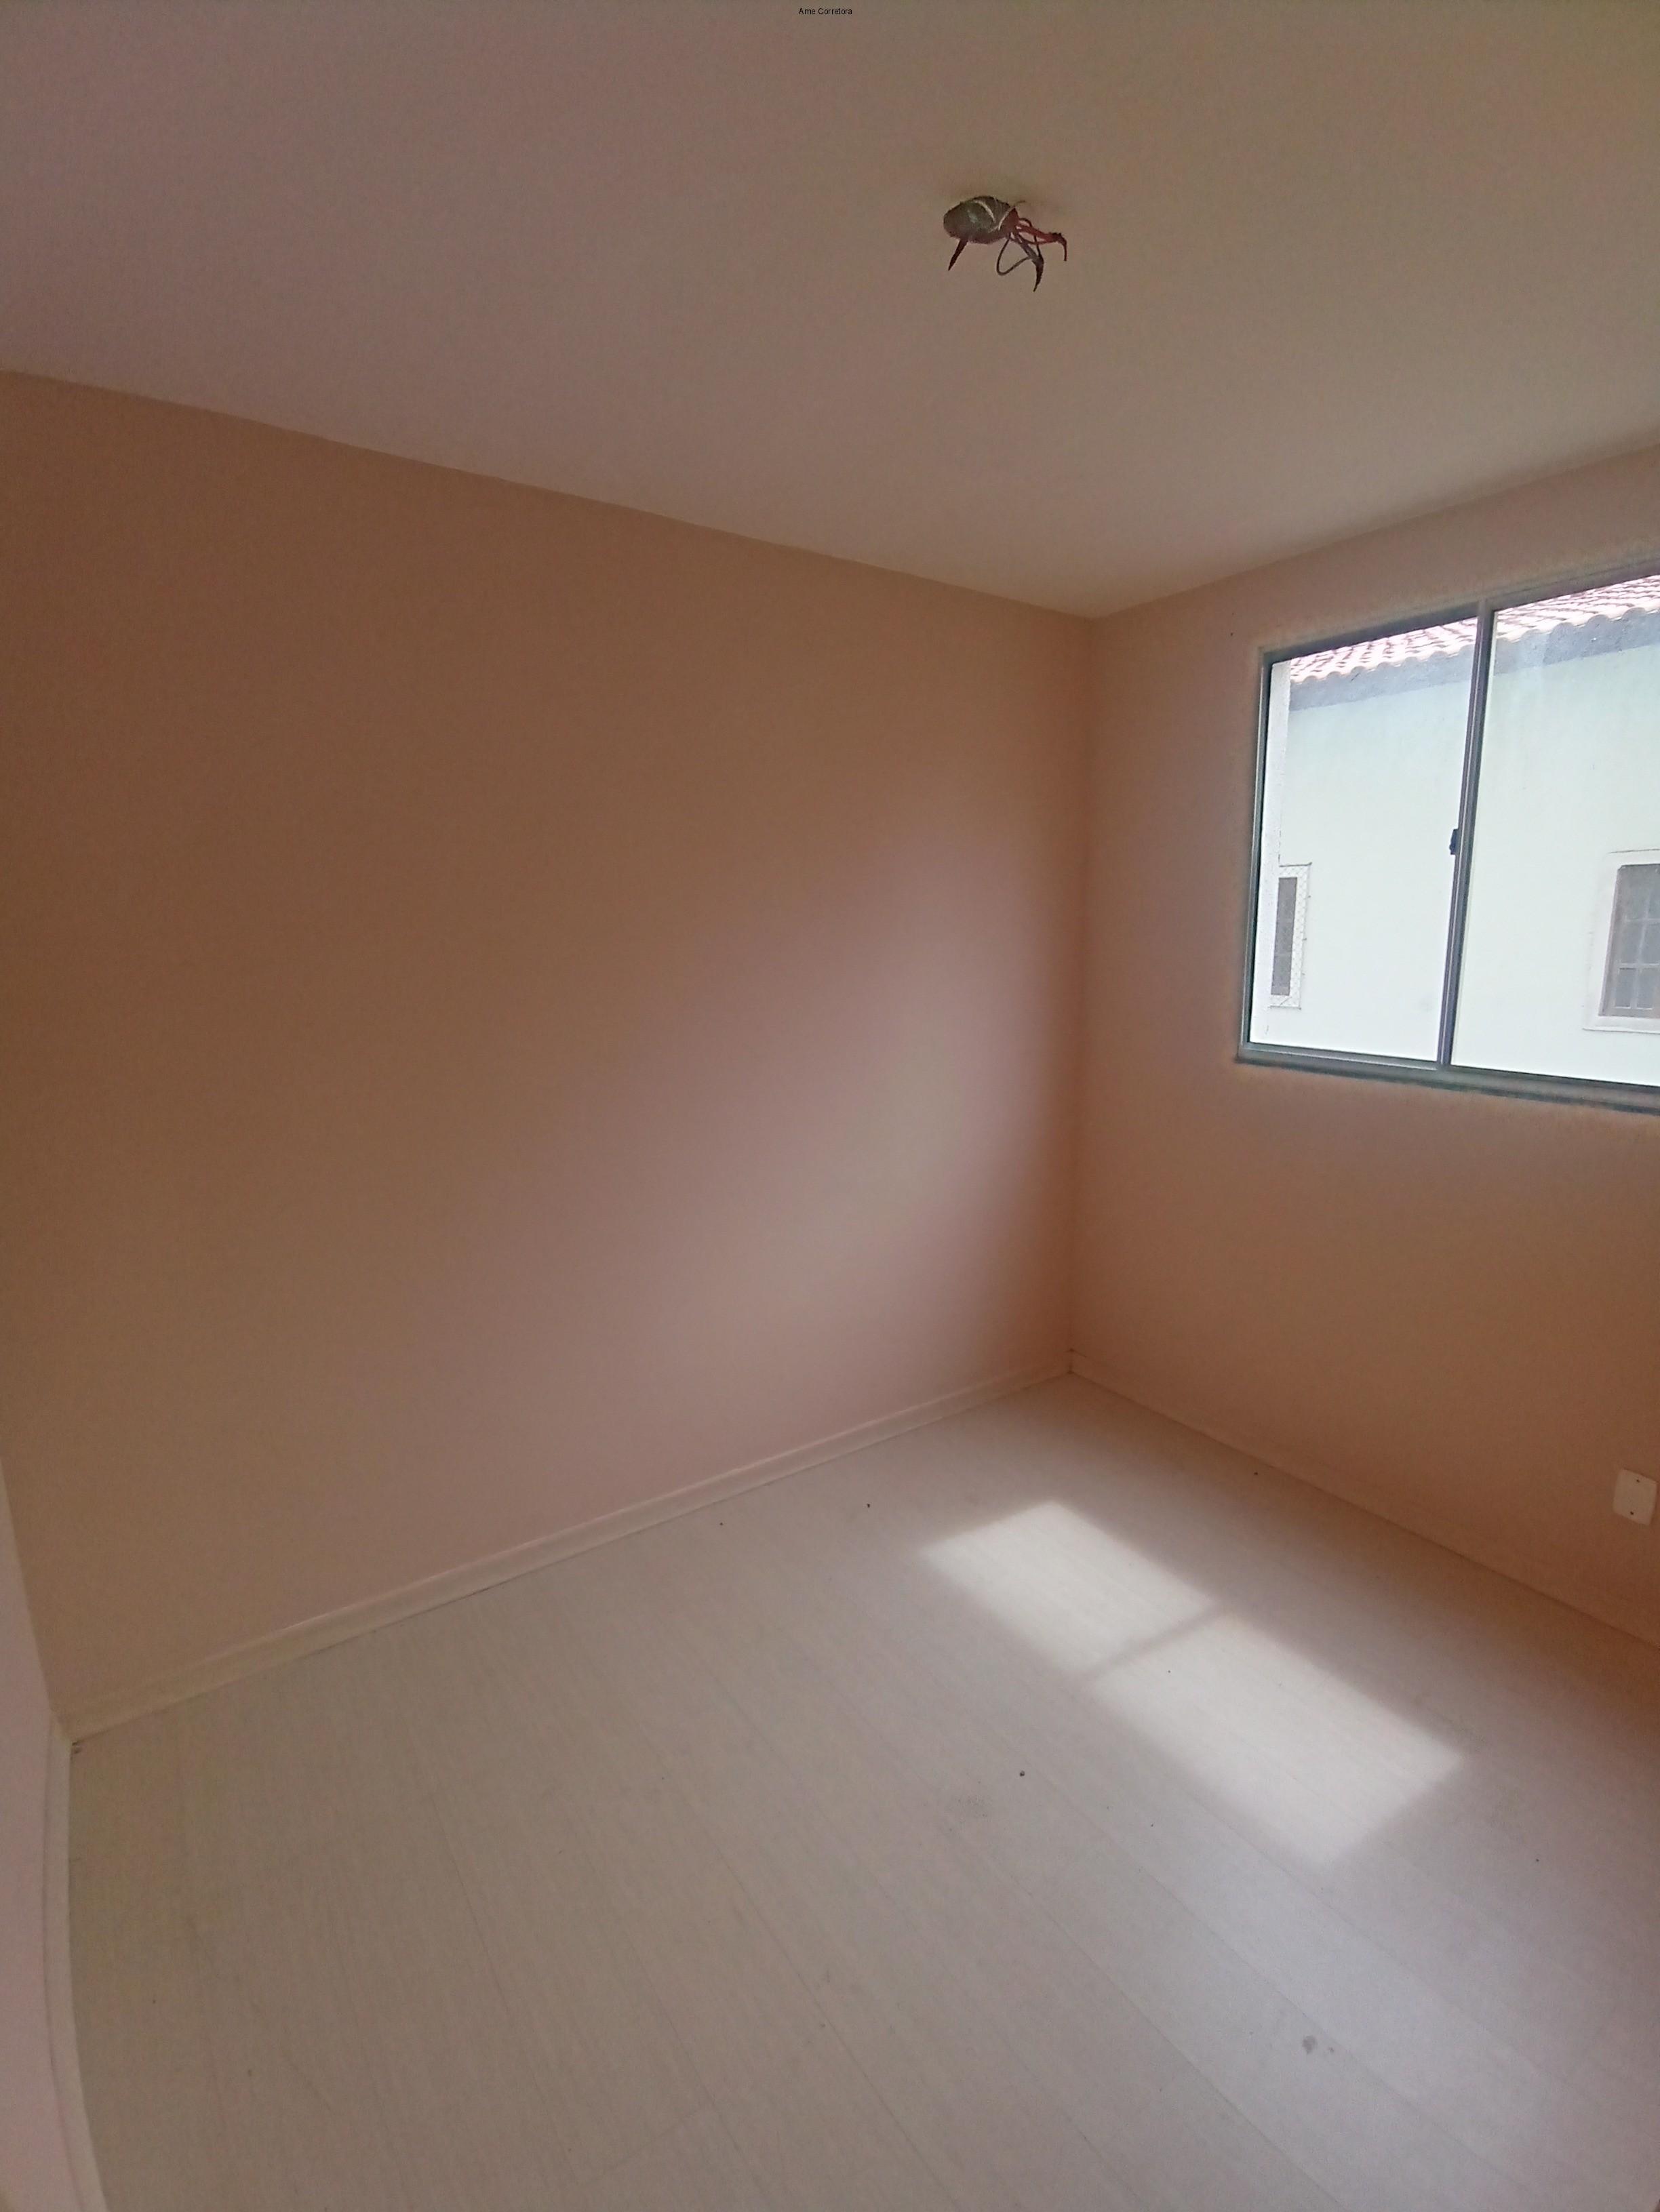 FOTO 04 - Apartamento 2 quartos para alugar Campo Grande, Rio de Janeiro - R$ 700 - AP00456 - 9